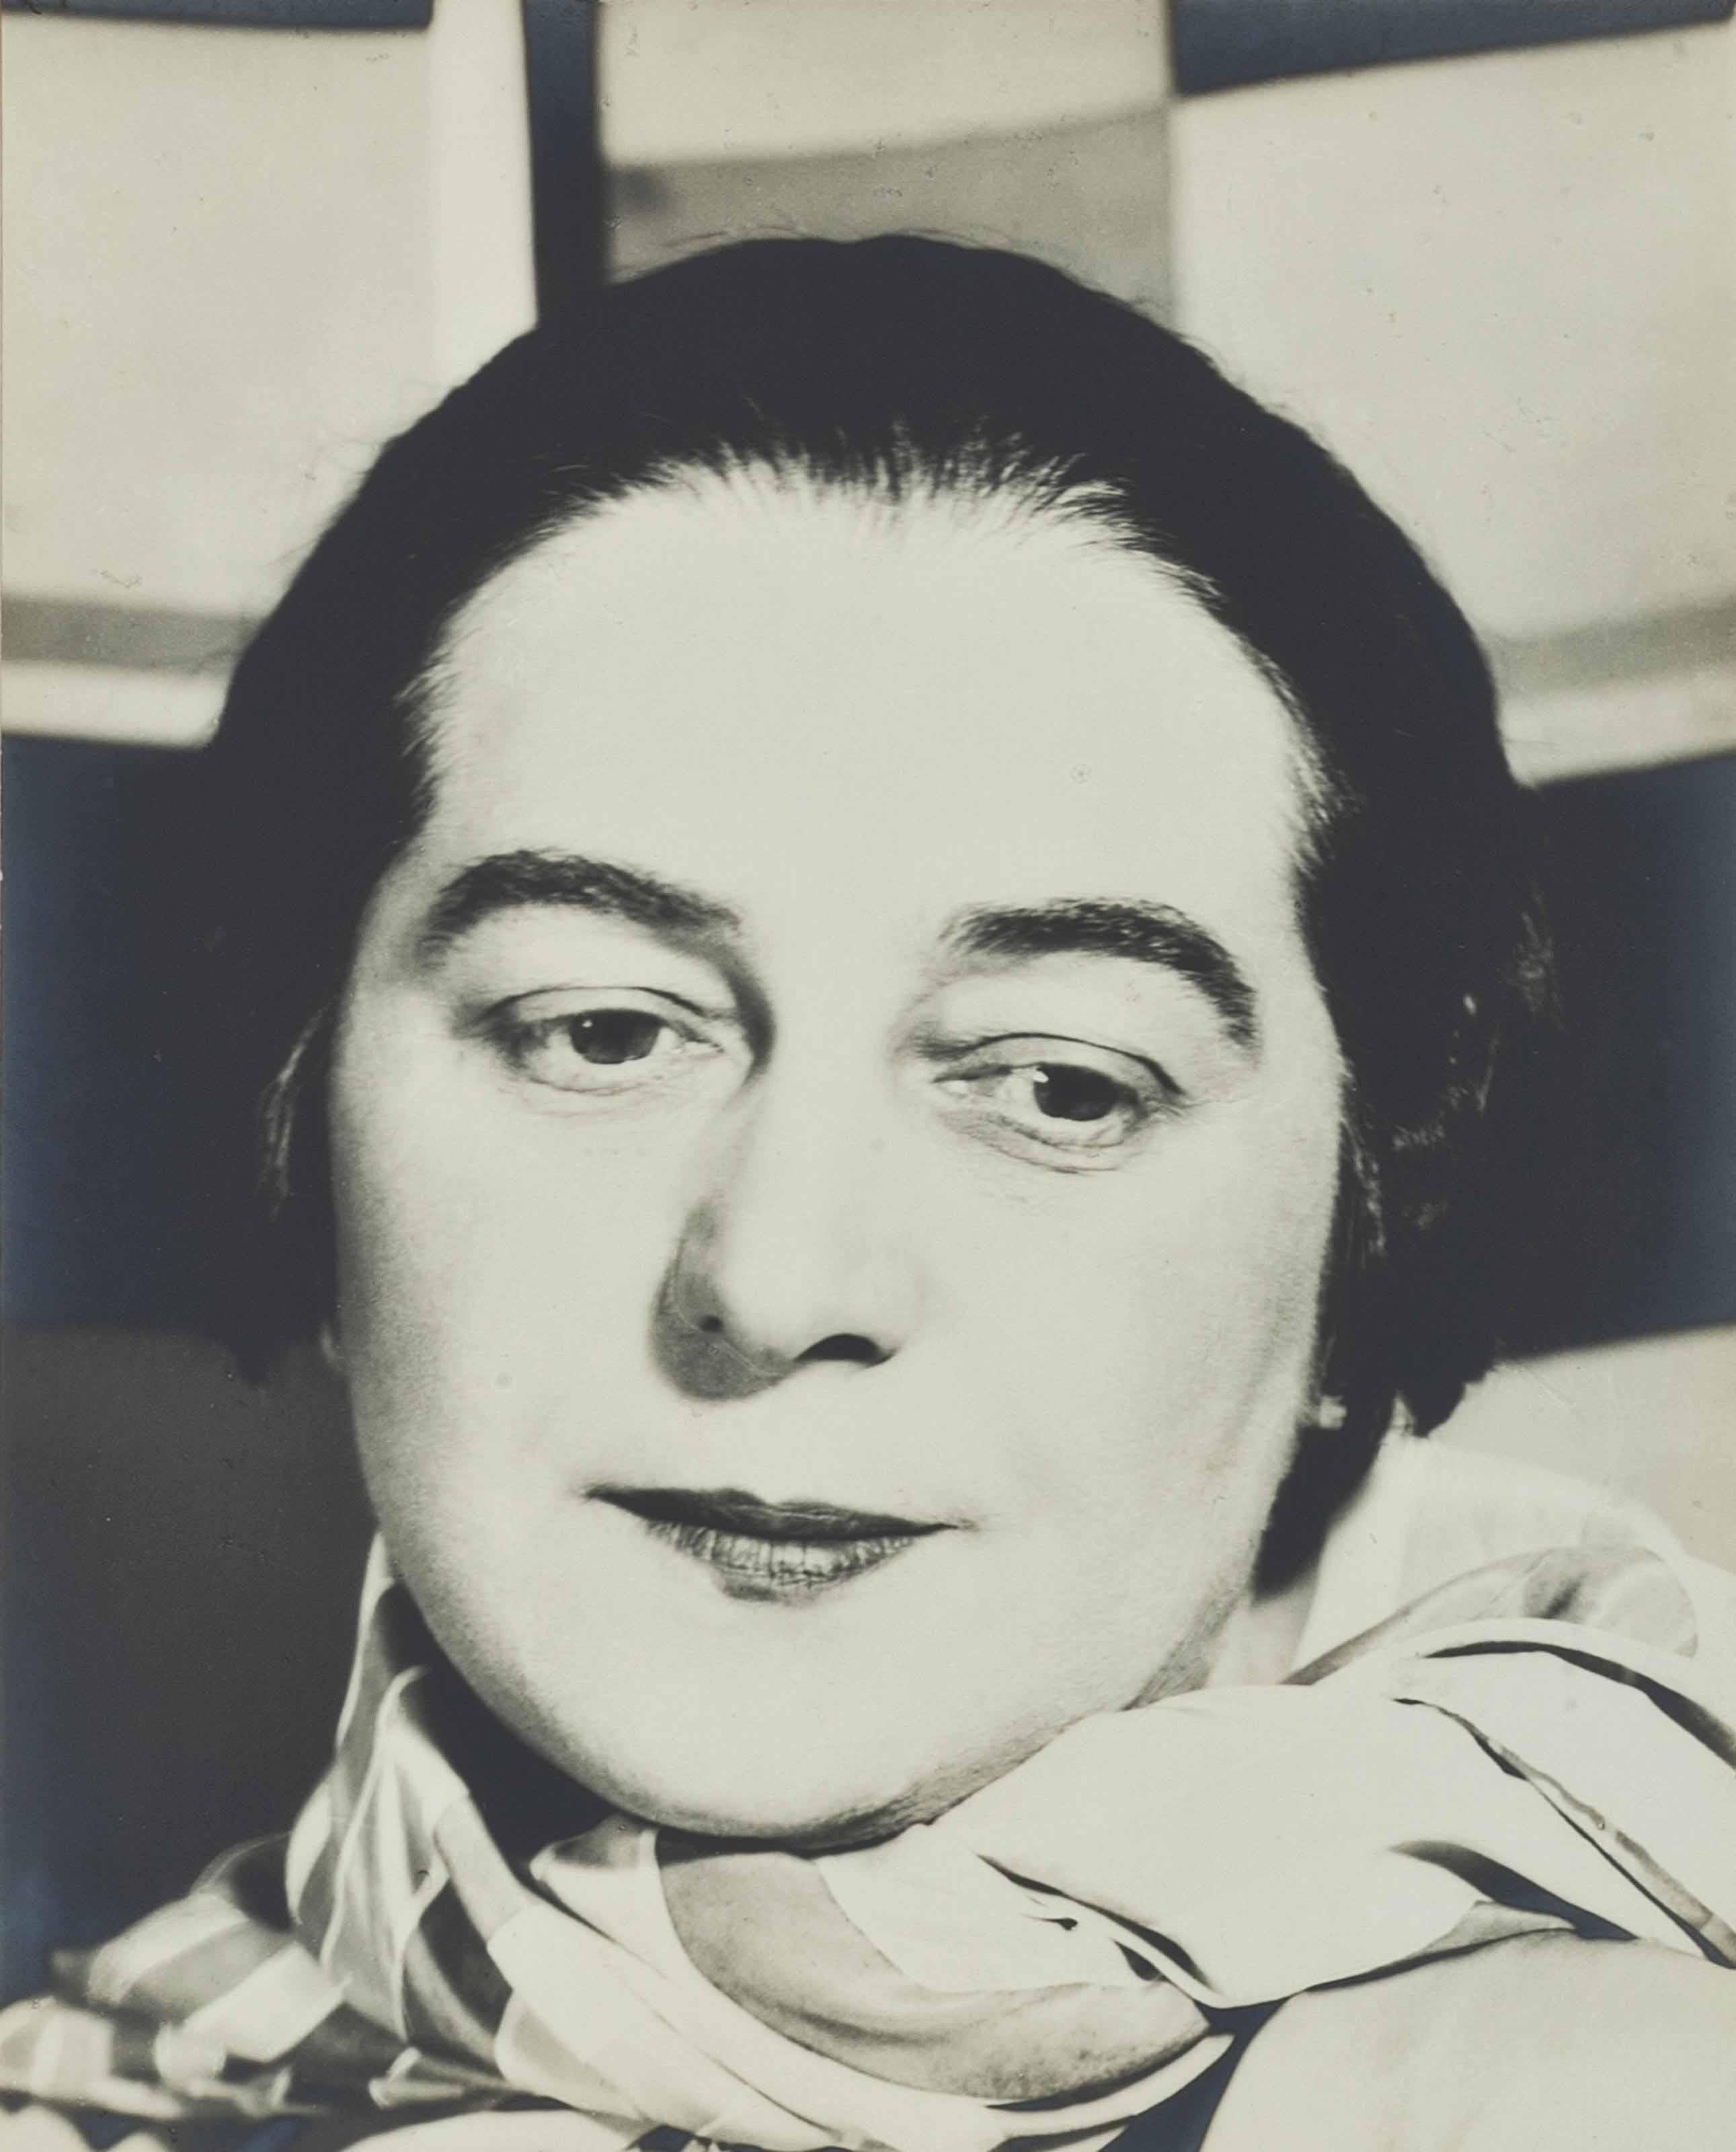 PORTRAIT OF SONIA DELAUNAY, PARIS, 1931